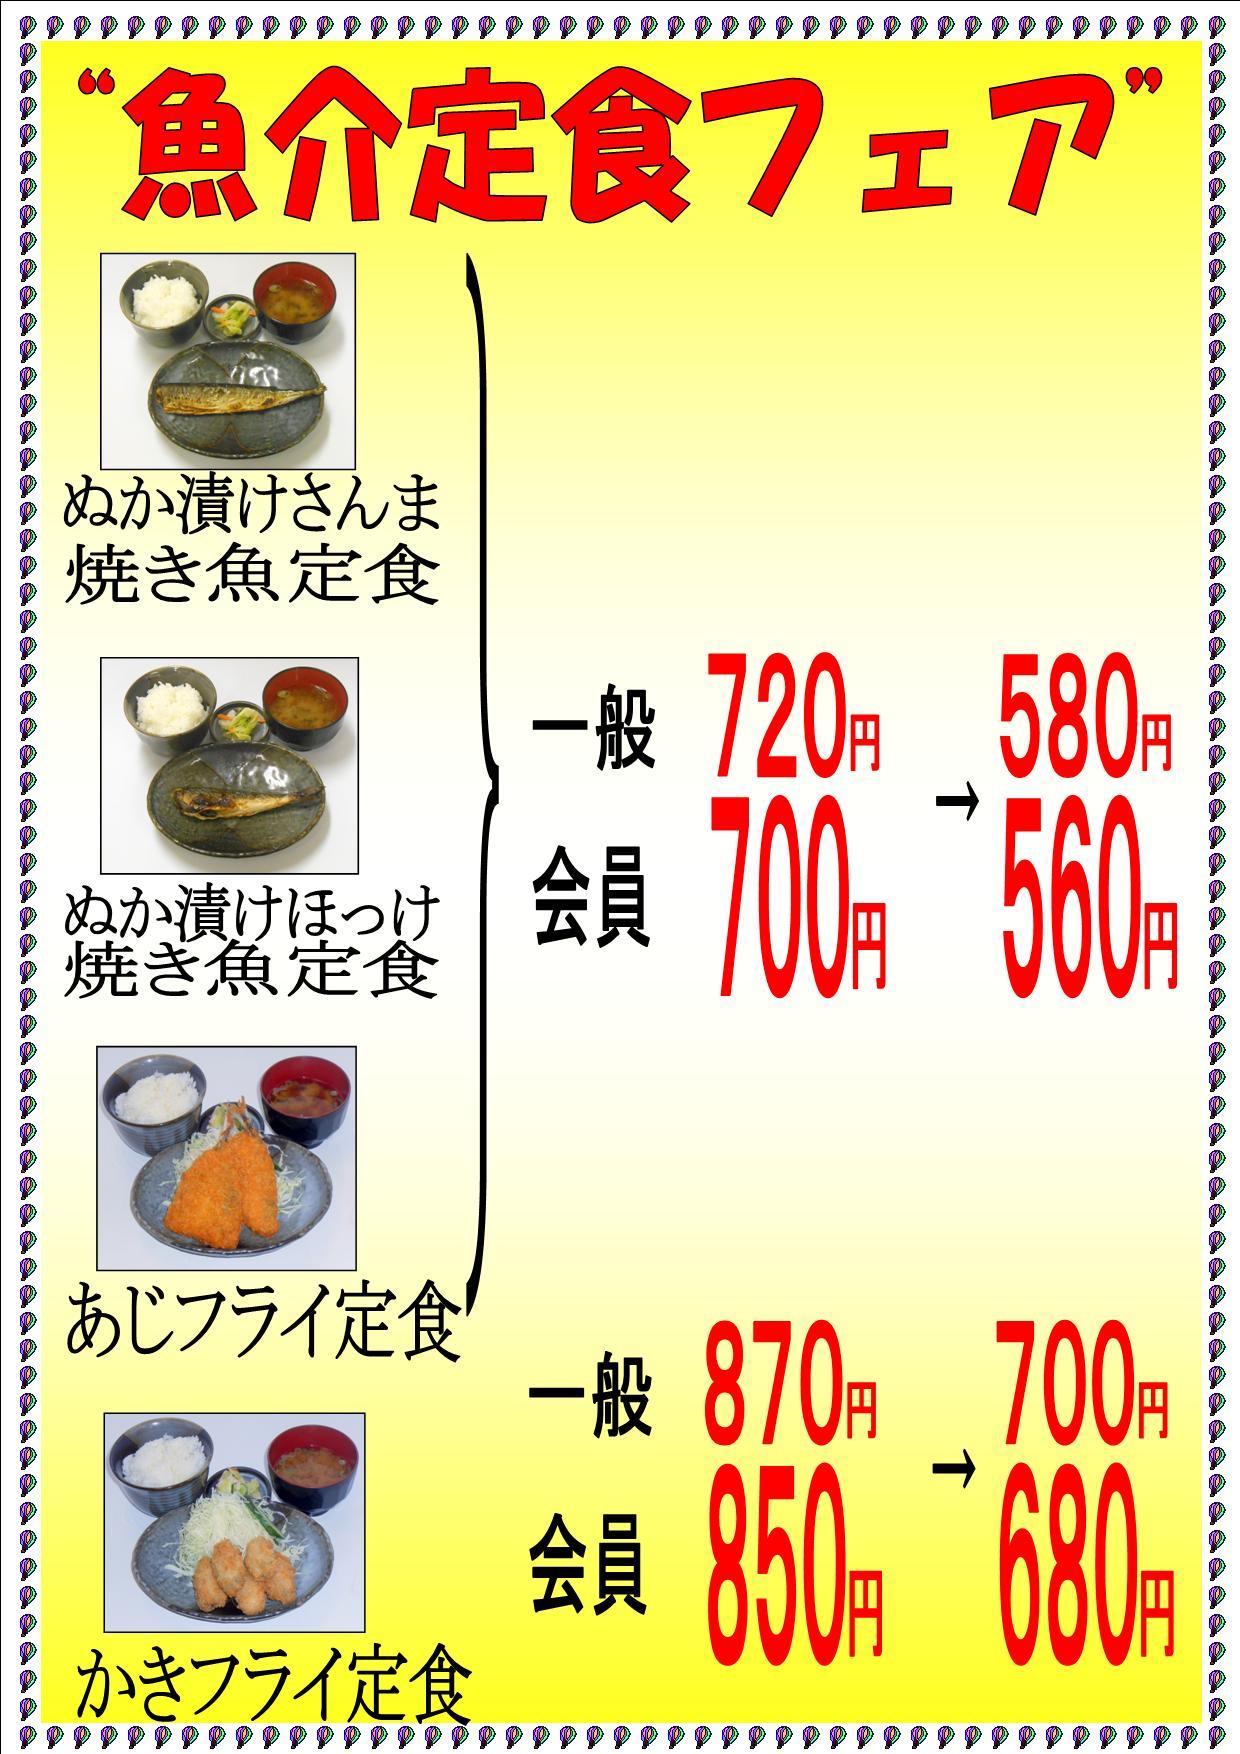 魚介定食フェア3・16~